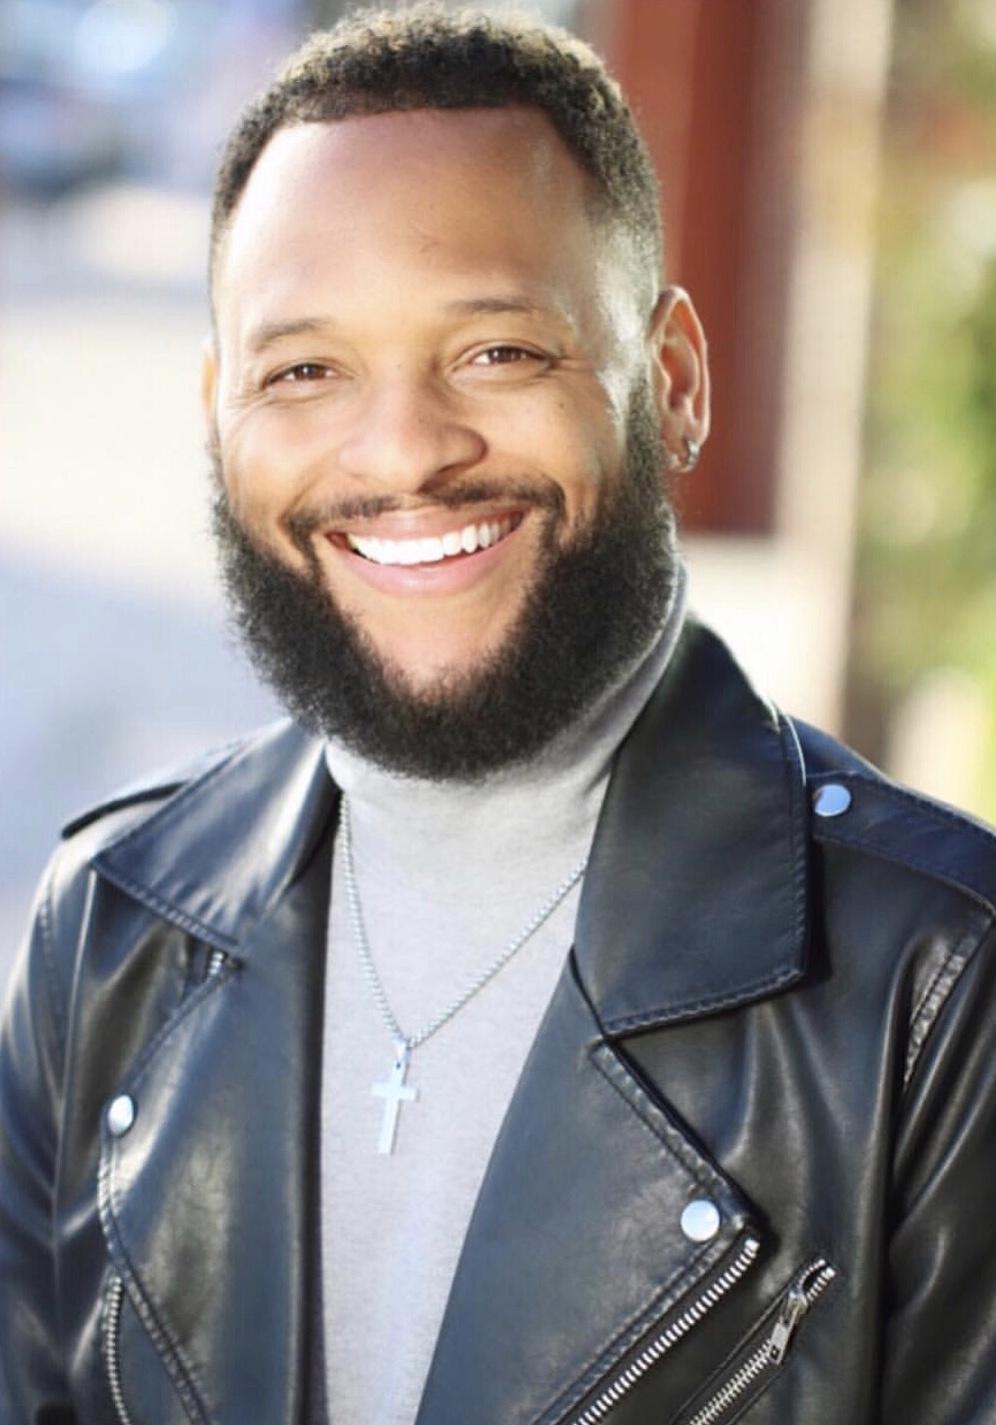 J'Lamar Nichols - Actor